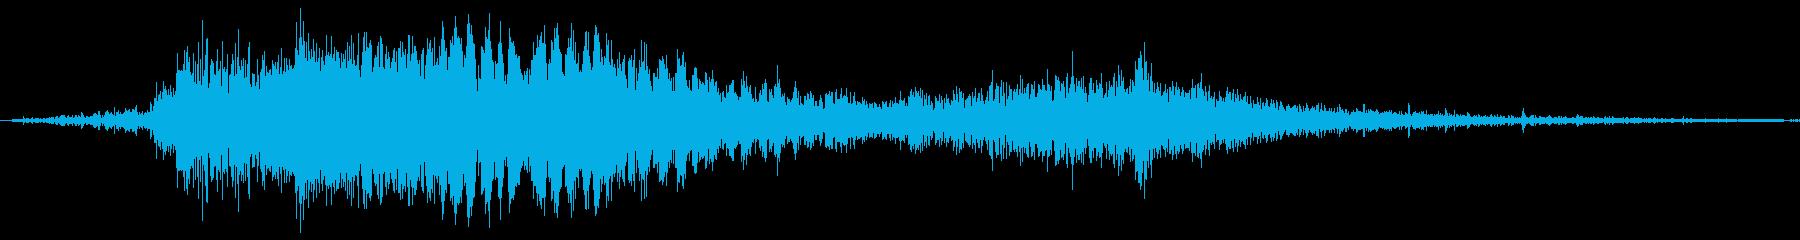 斬撃音!(刀や剣で斬る/刺す効果音)09の再生済みの波形